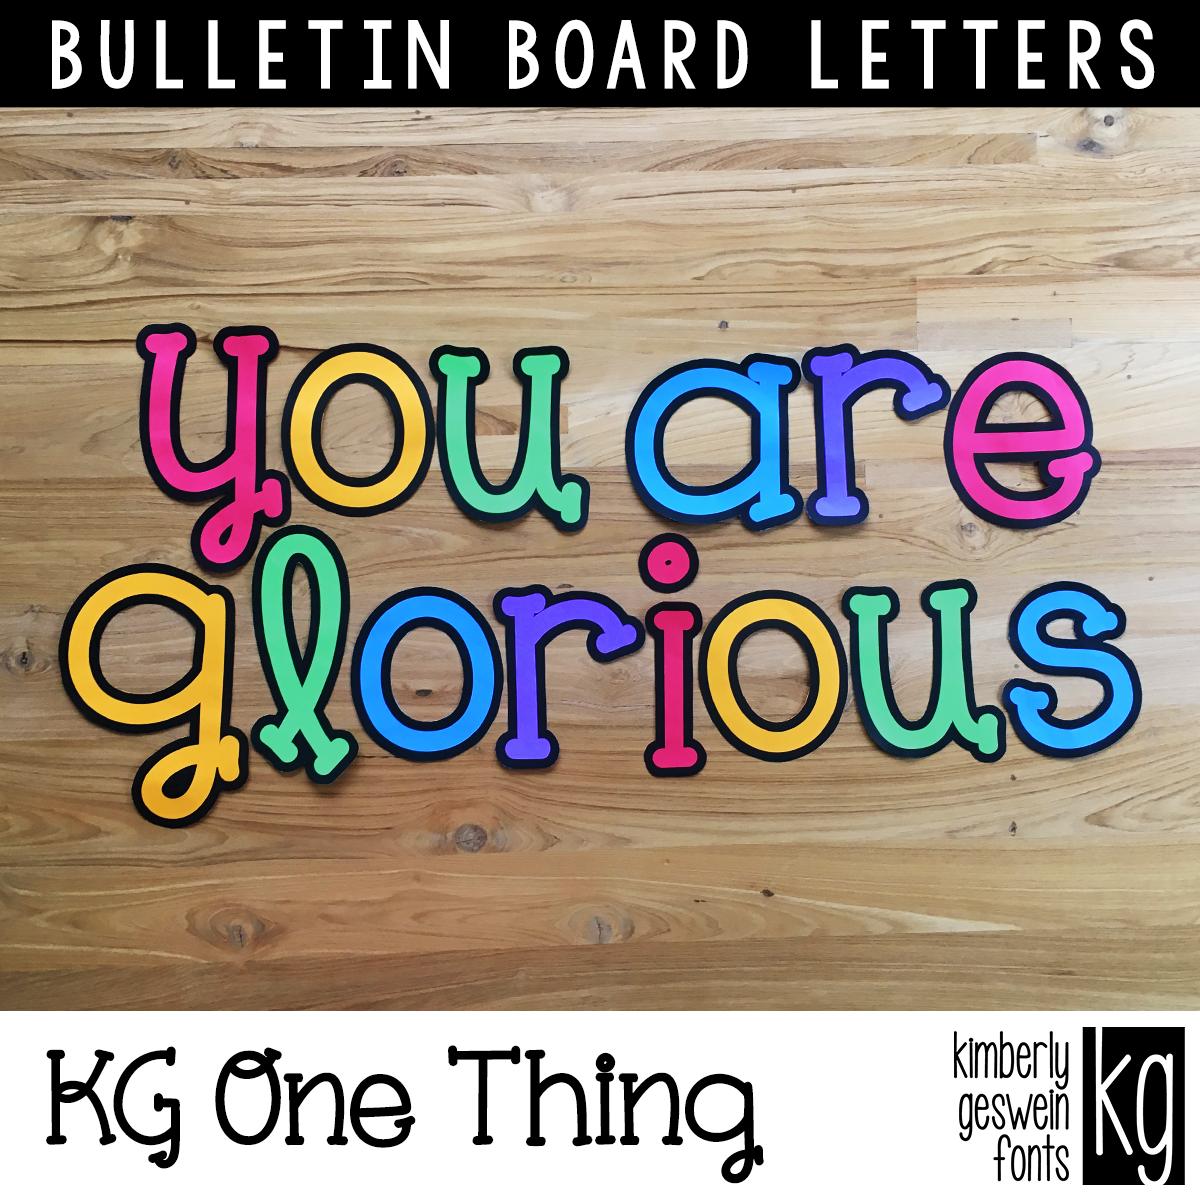 Pin On Bulletin Board Lettering